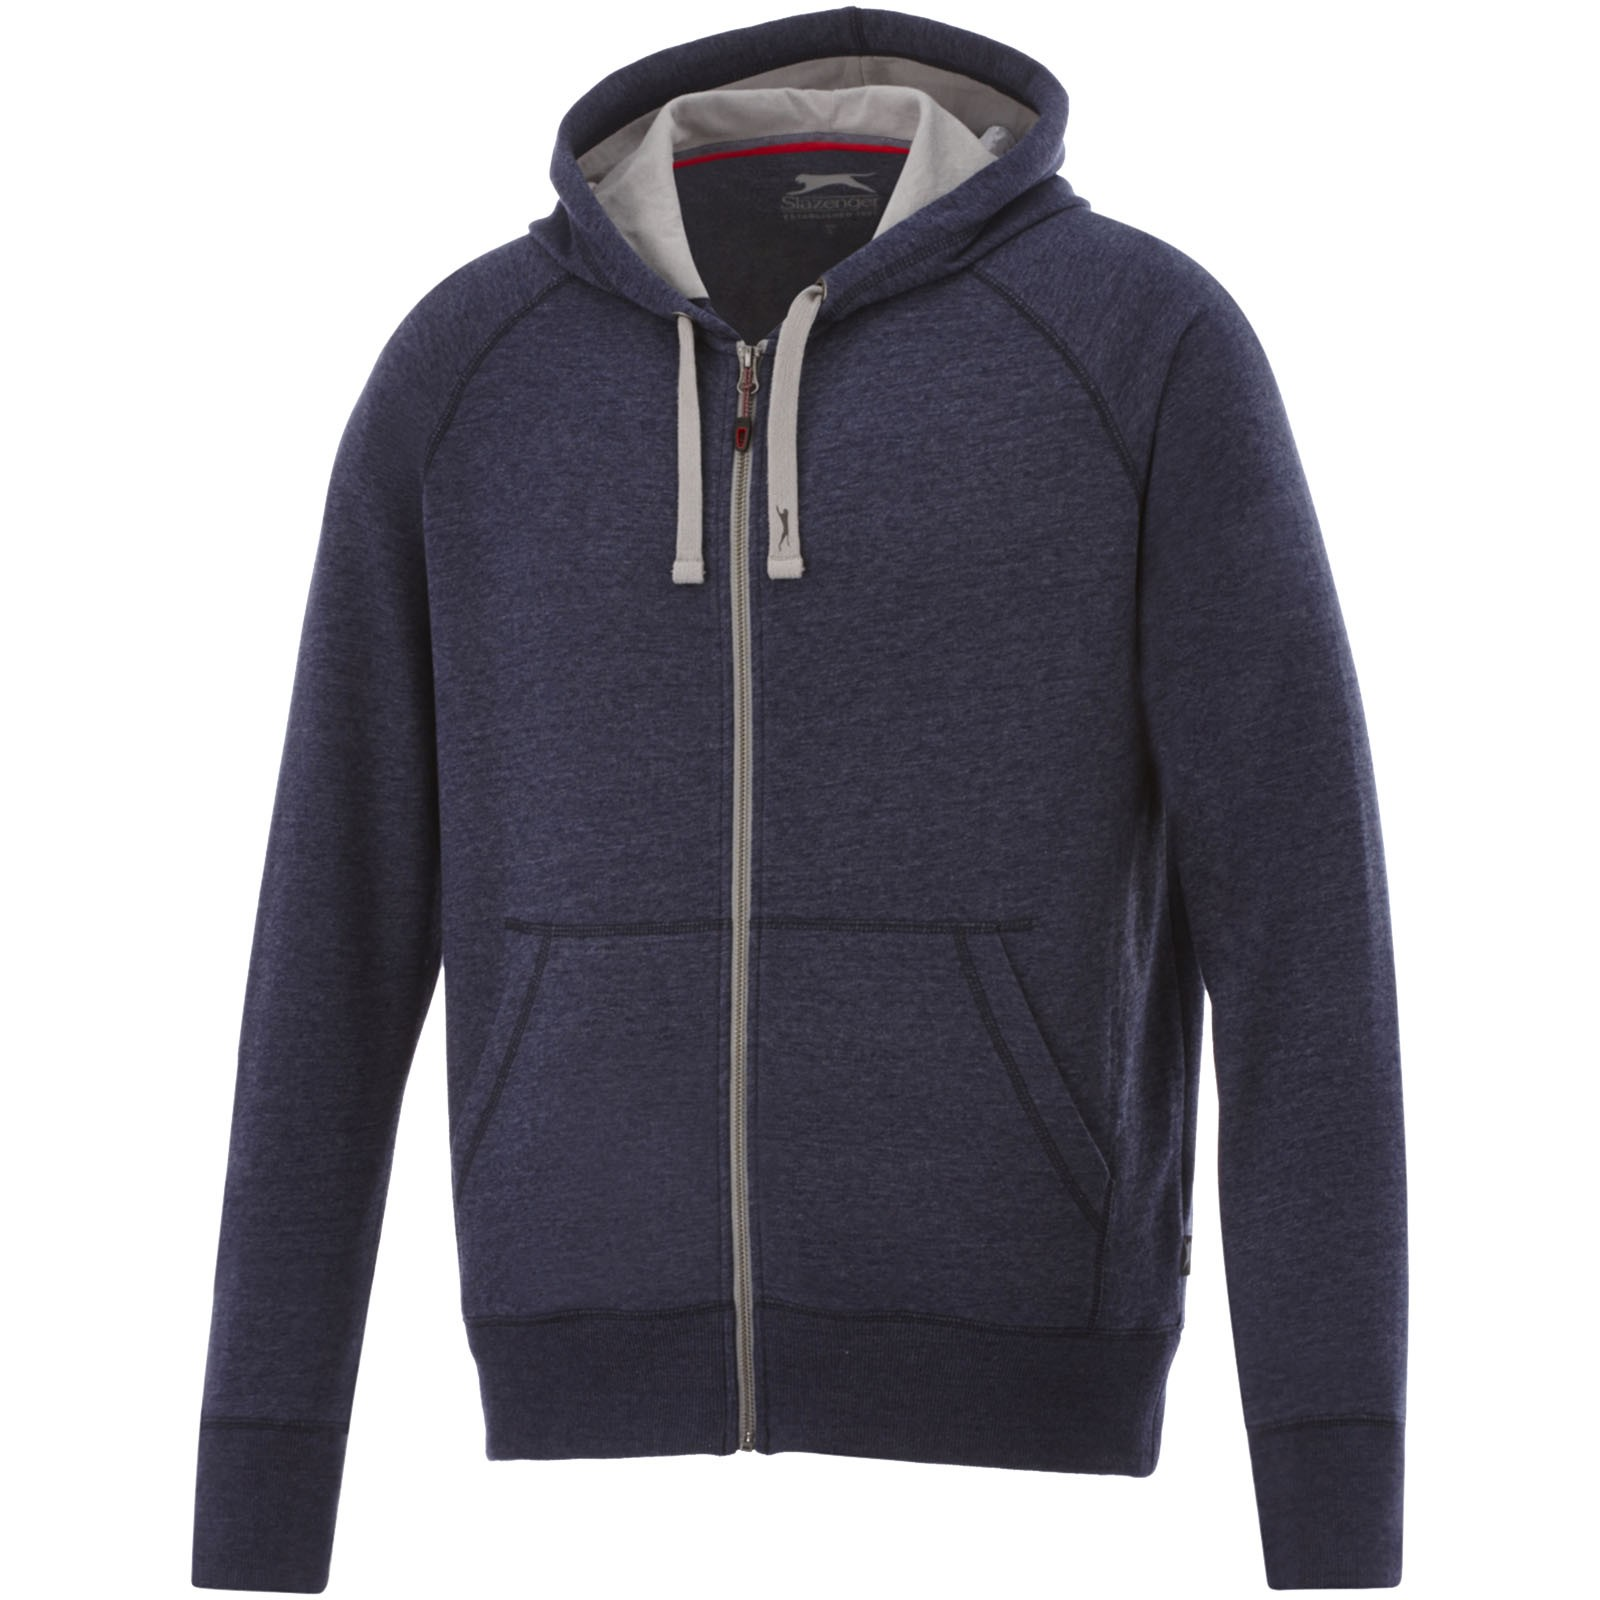 Groundie full zip hoodie - Heather blue / L